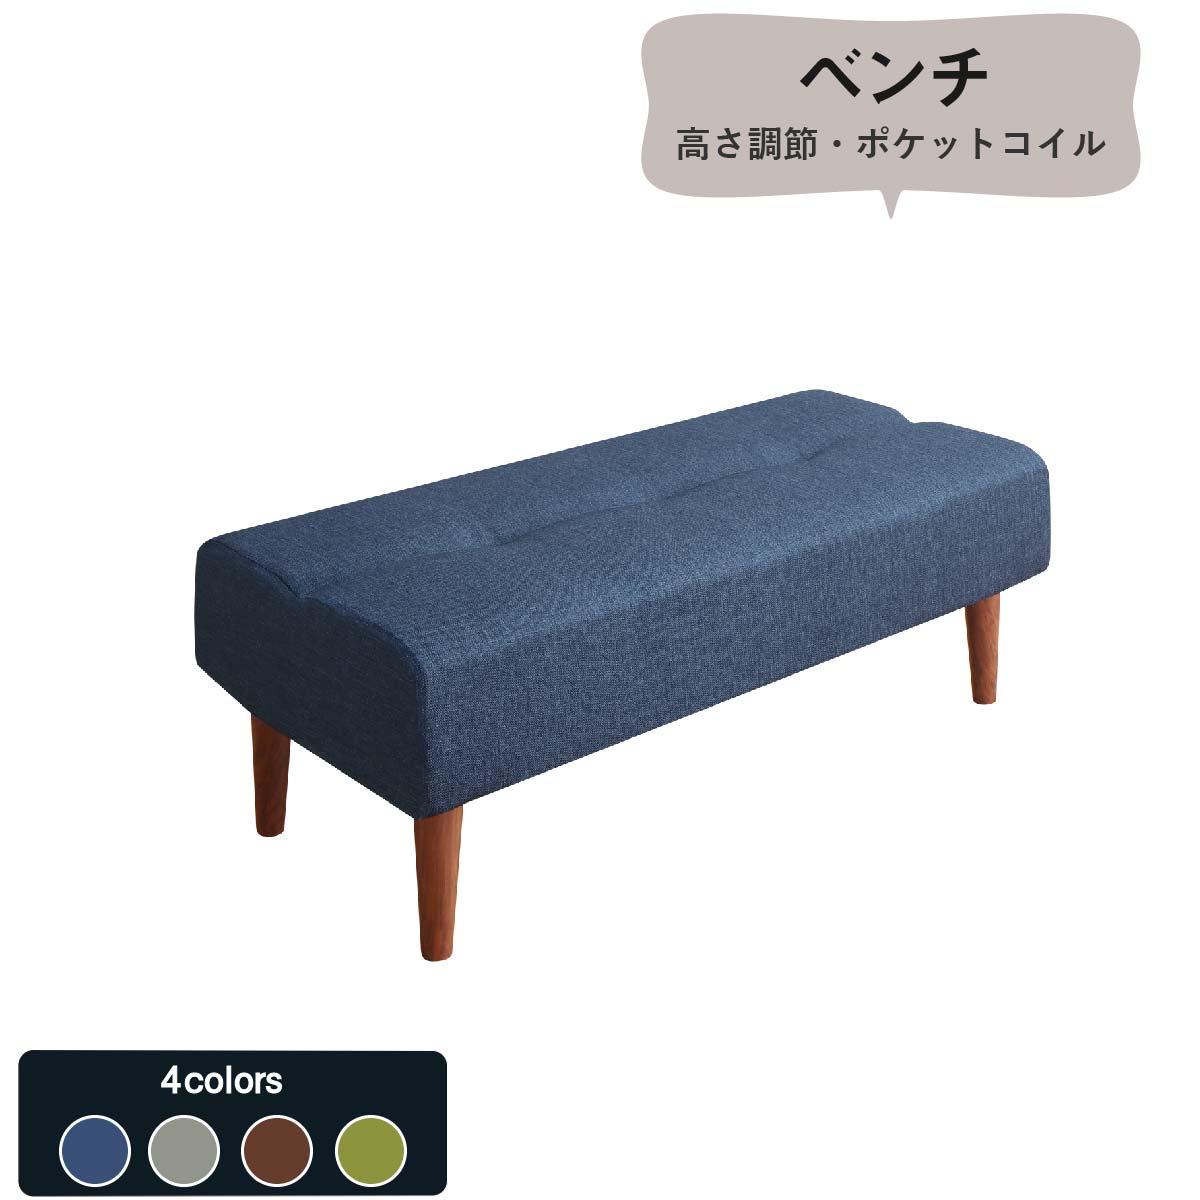 【送料無料】 こたつもソファも高さ調節できるリビングダイニングセット ベンチ 2P